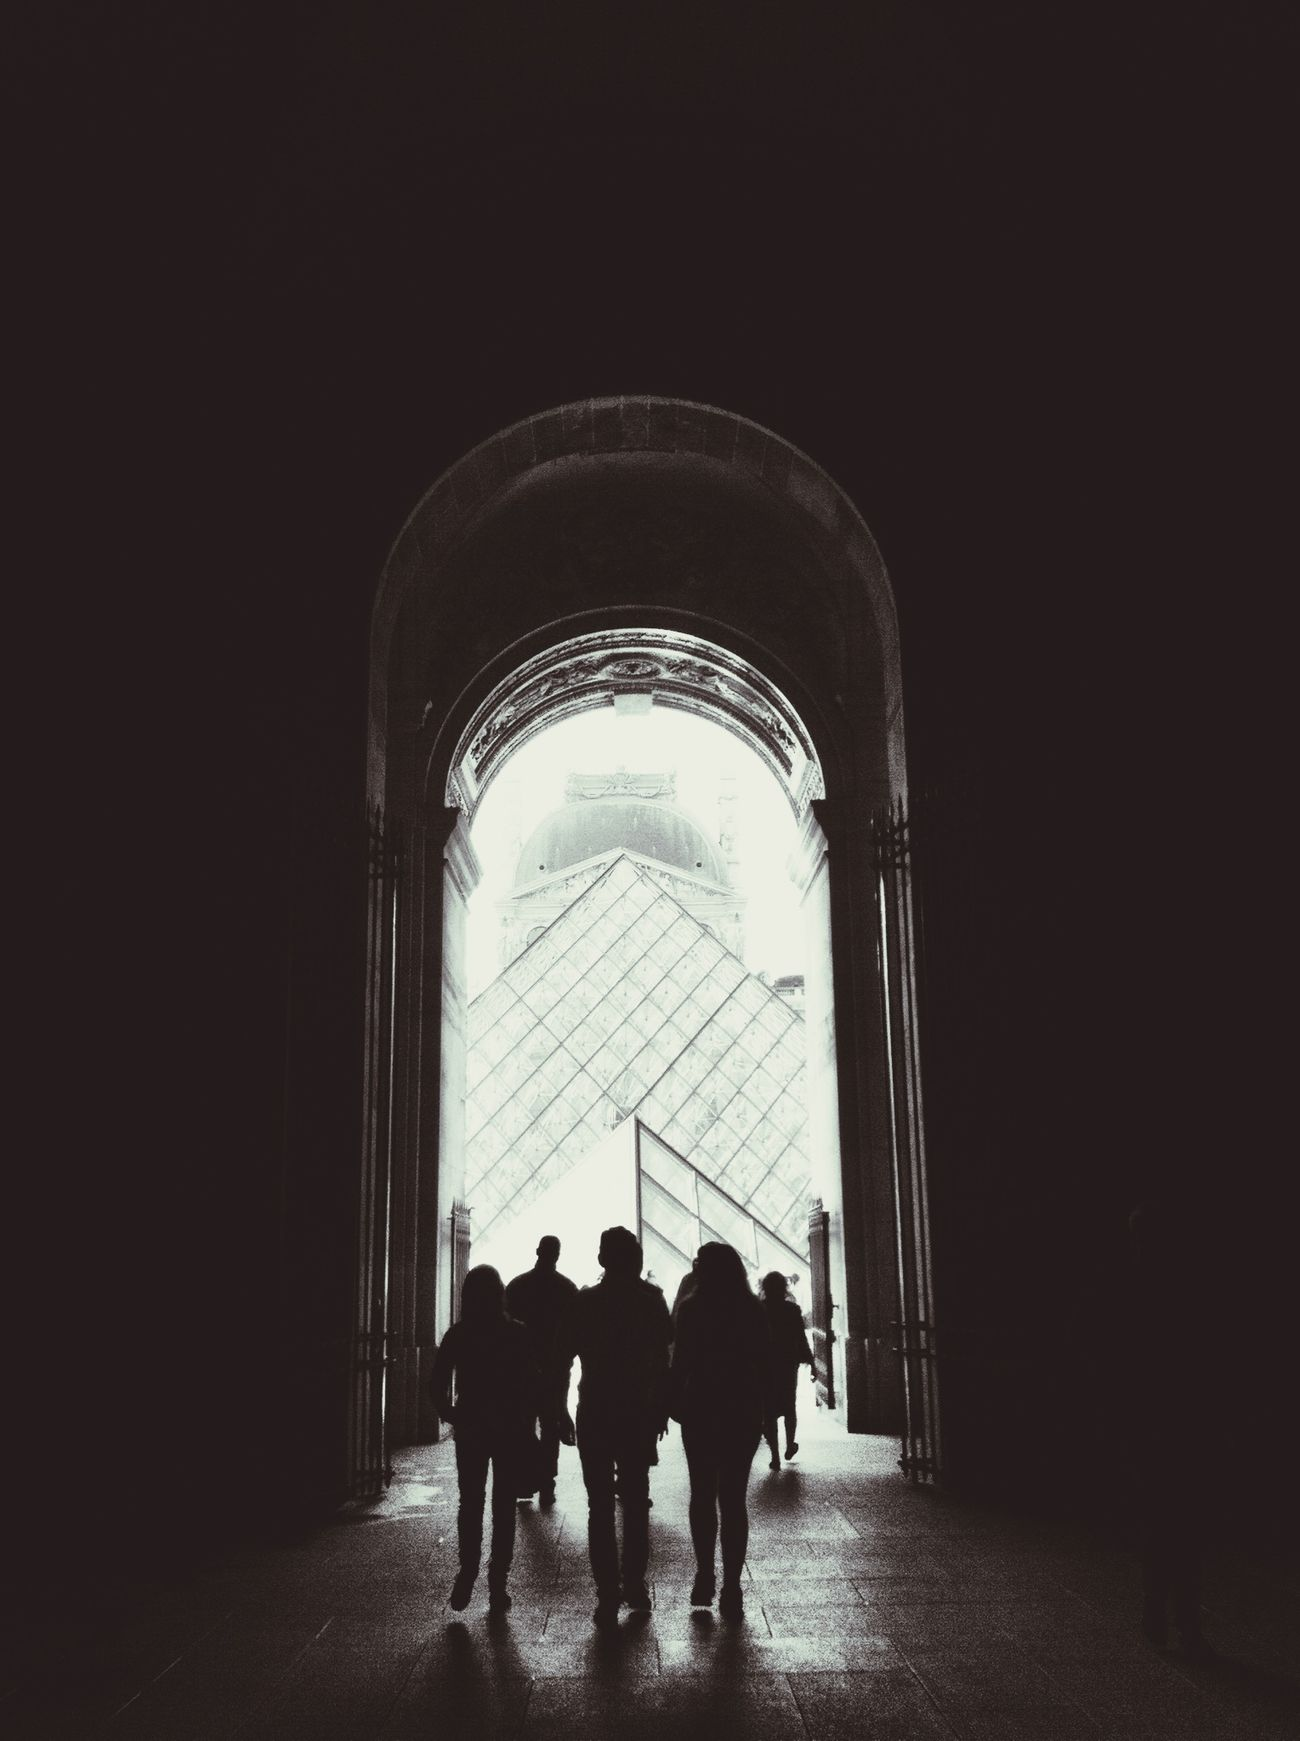 Into BNW PARIS Architecture Bw_friday_challenge EyeEm Best Shots - Black + White